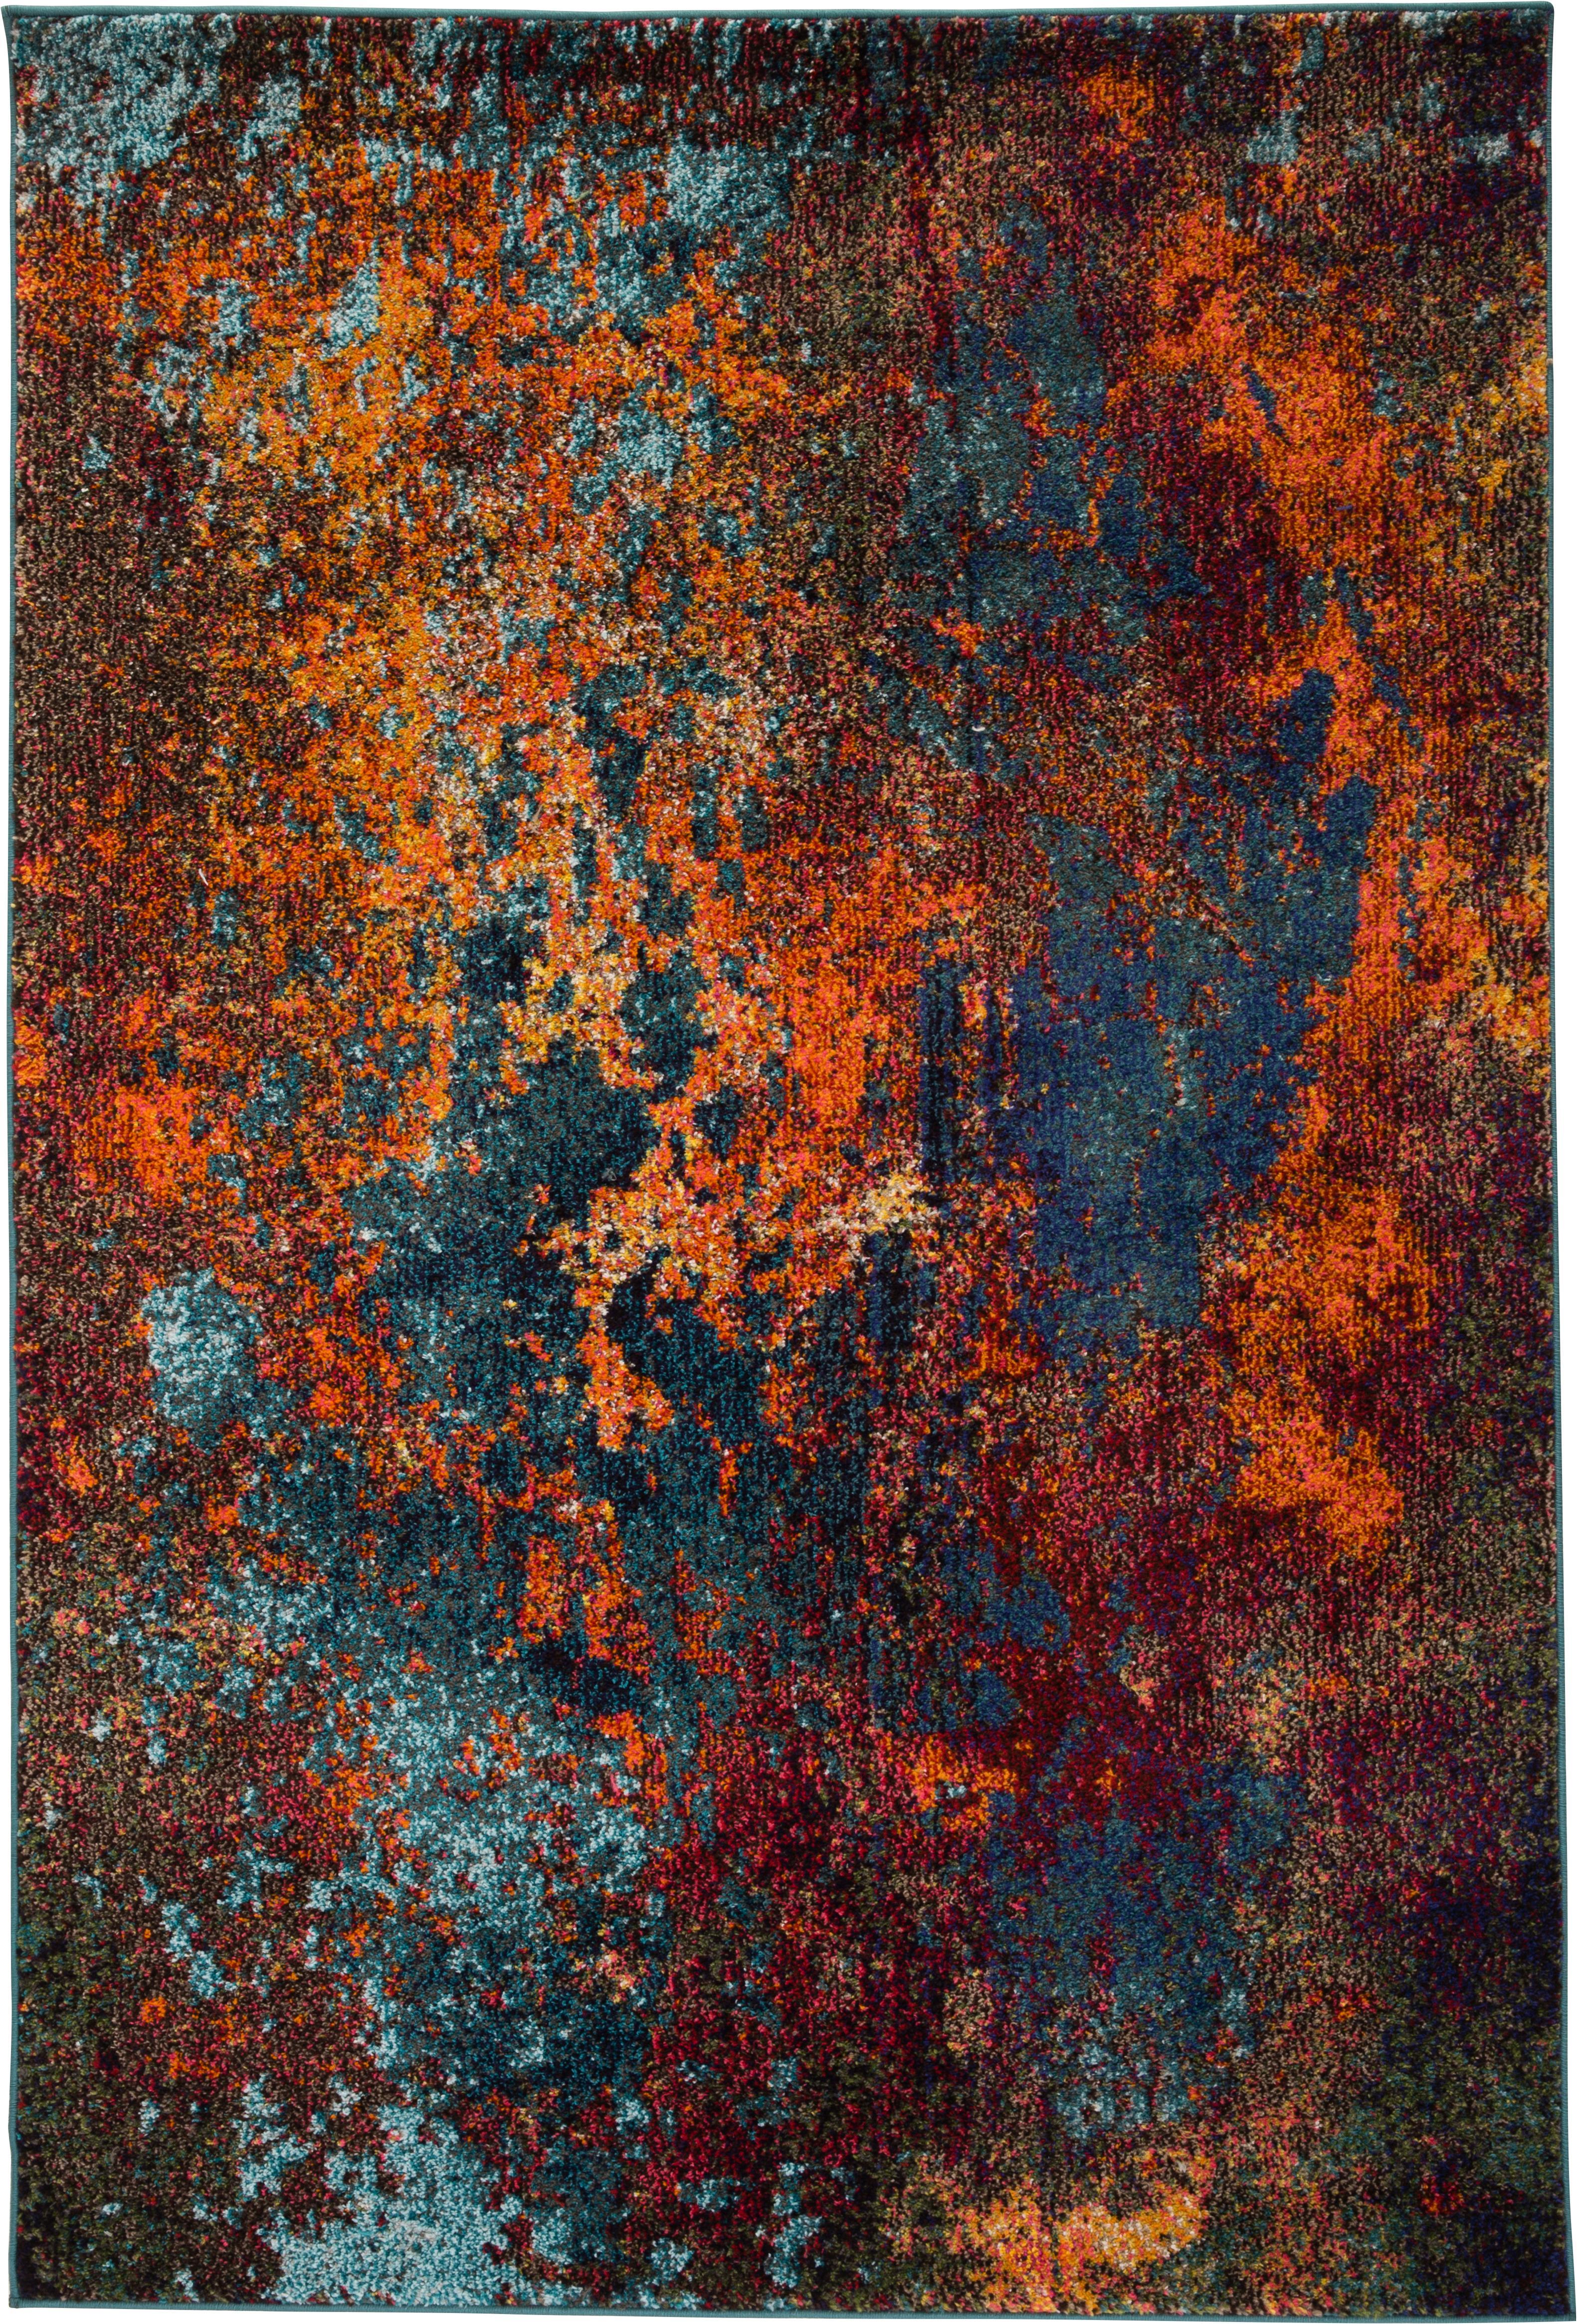 Designteppich Celestial in Bunt, Flor: 100% Polypropylene, Rottöne, Blautöne, Grün, B 120 x L 180 cm (Größe S)